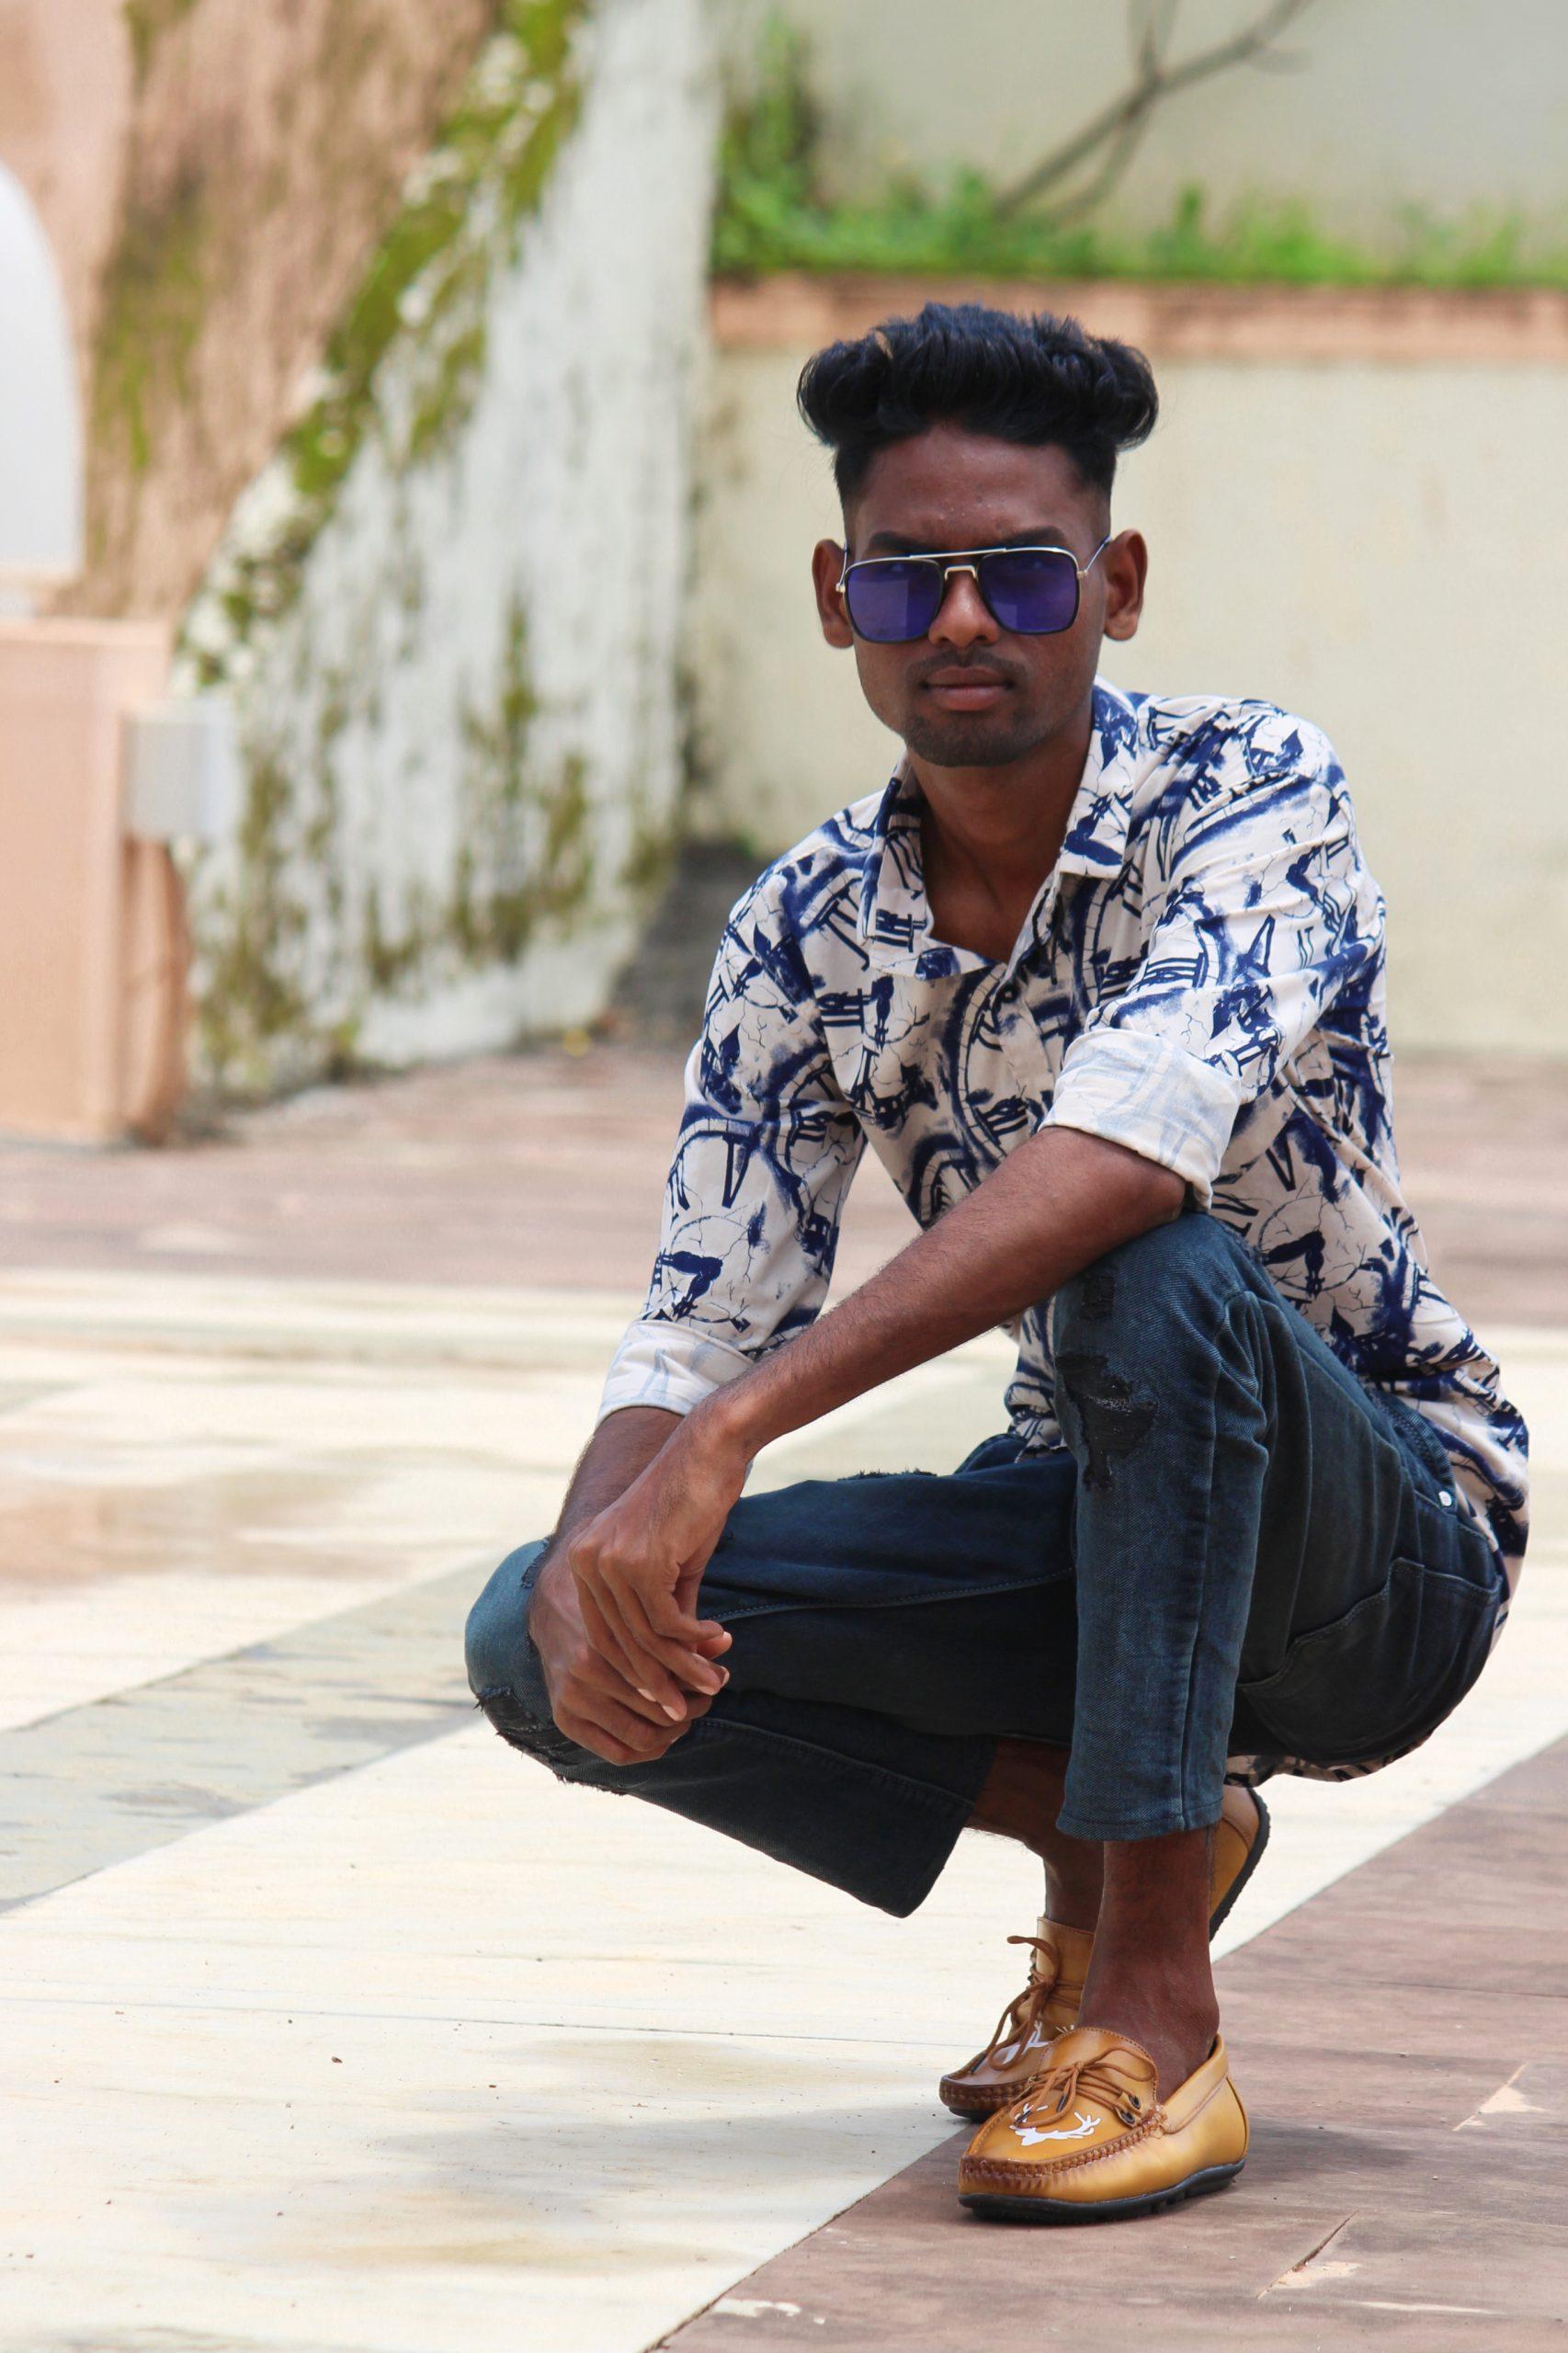 Male Model posing on road